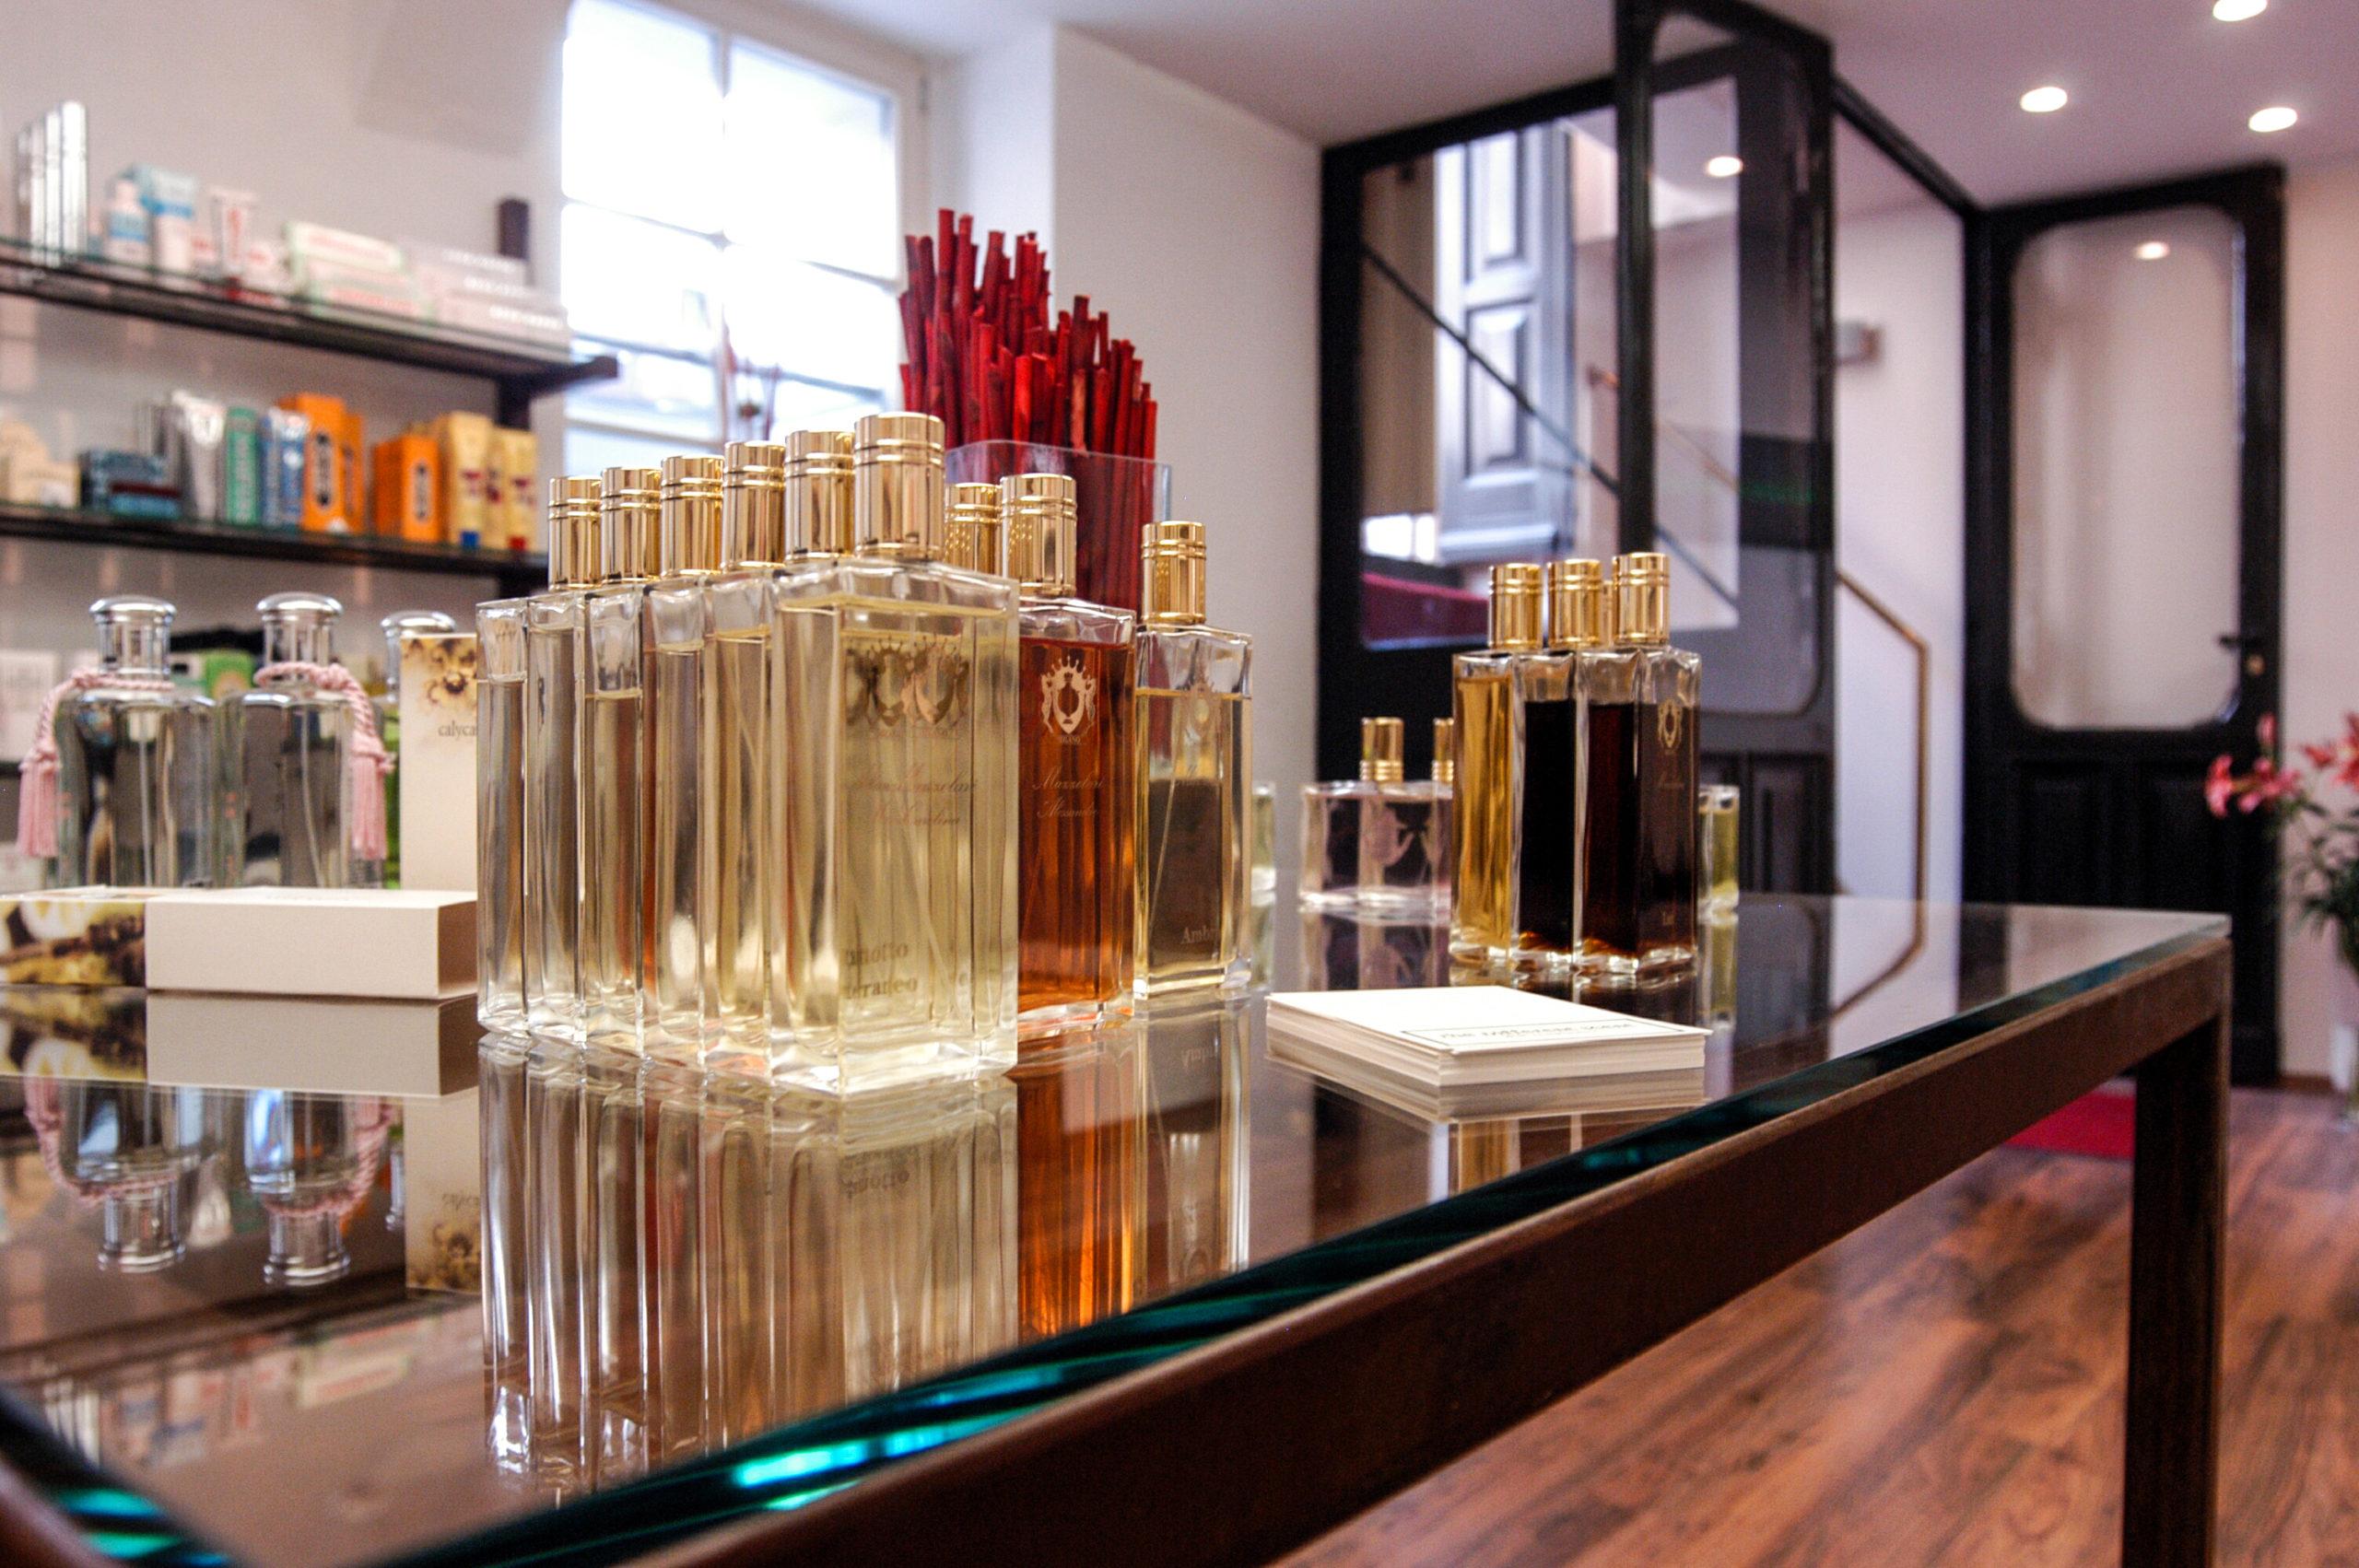 Parfümerie in Berlin Die komplexen, hochwertigen Düfte, für die The Different Scent steht, stammen vor allem von italienischen Hersteller*innen.